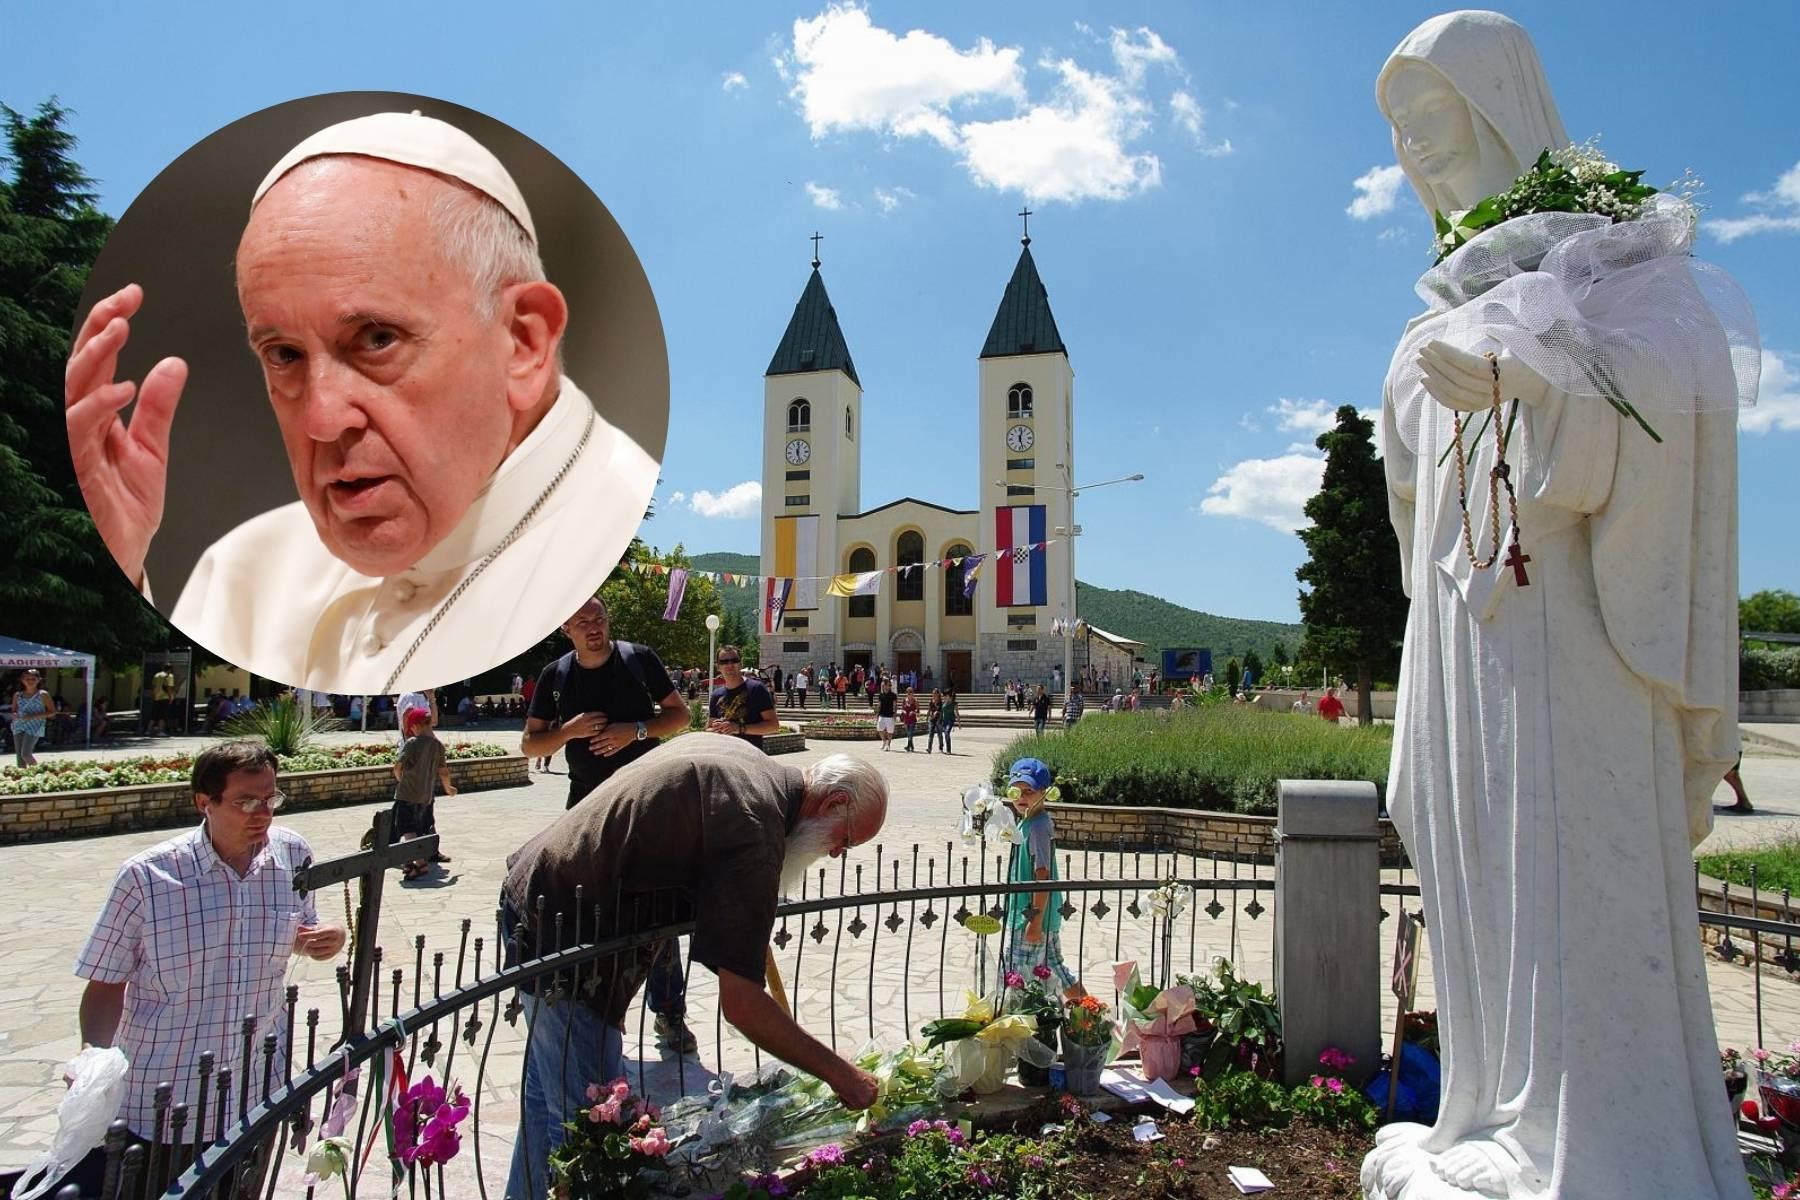 'Hodočašća crkve do sada nisu smjele organizirati, sada smiju'